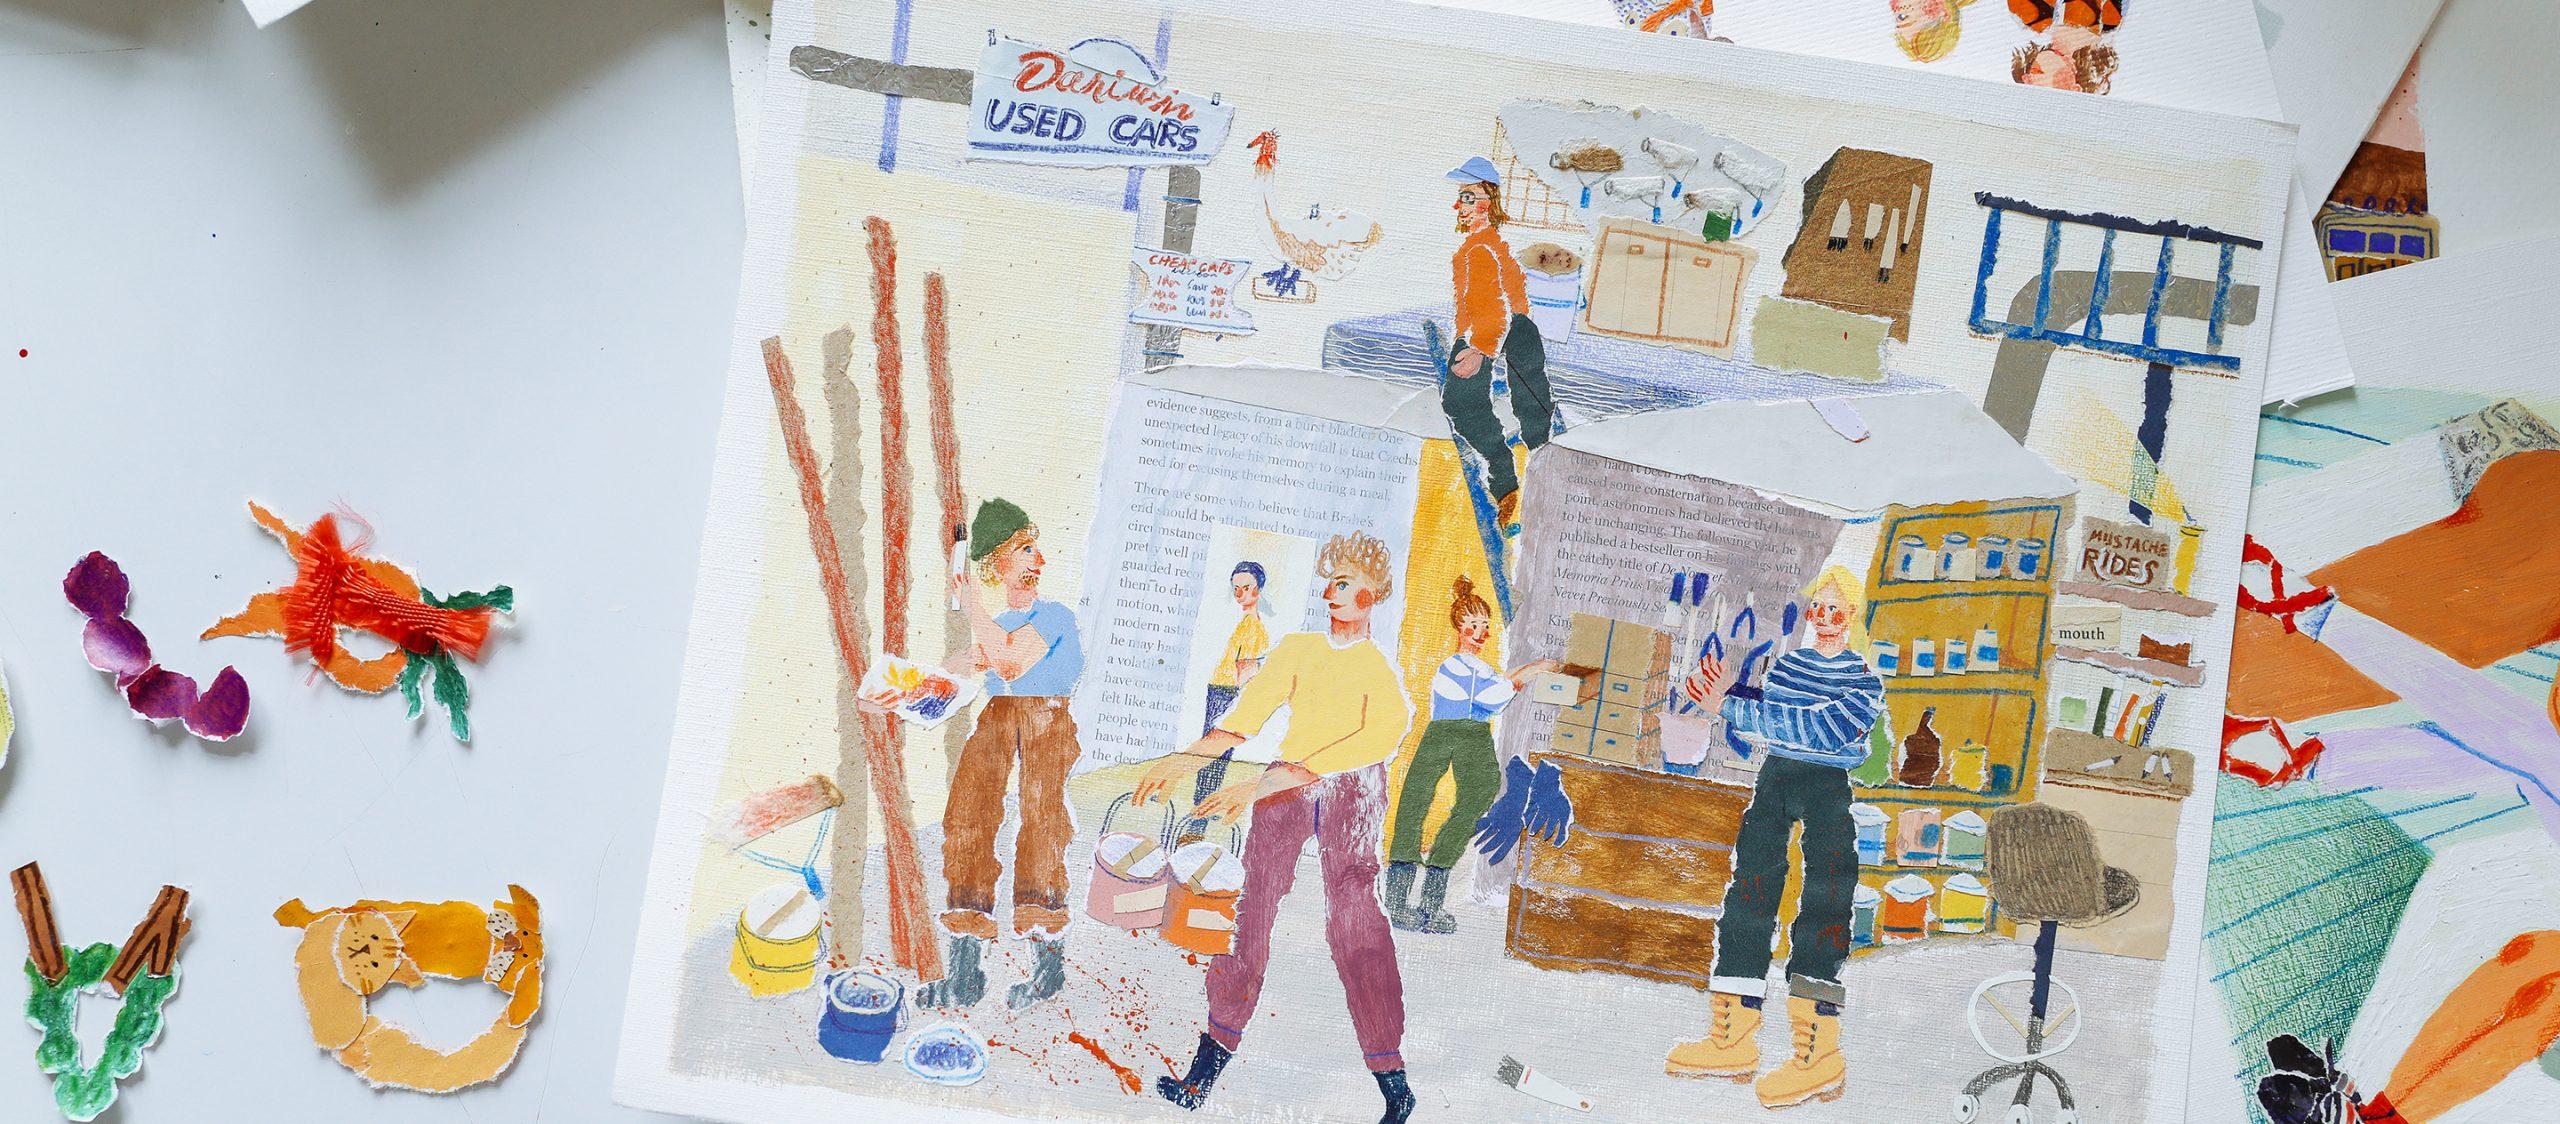 สตูดิโอในบ้านของ Aura Cherrybag ศิลปินนักฉีกแปะกระดาษที่มีความสดใสเป็นลายเซ็น